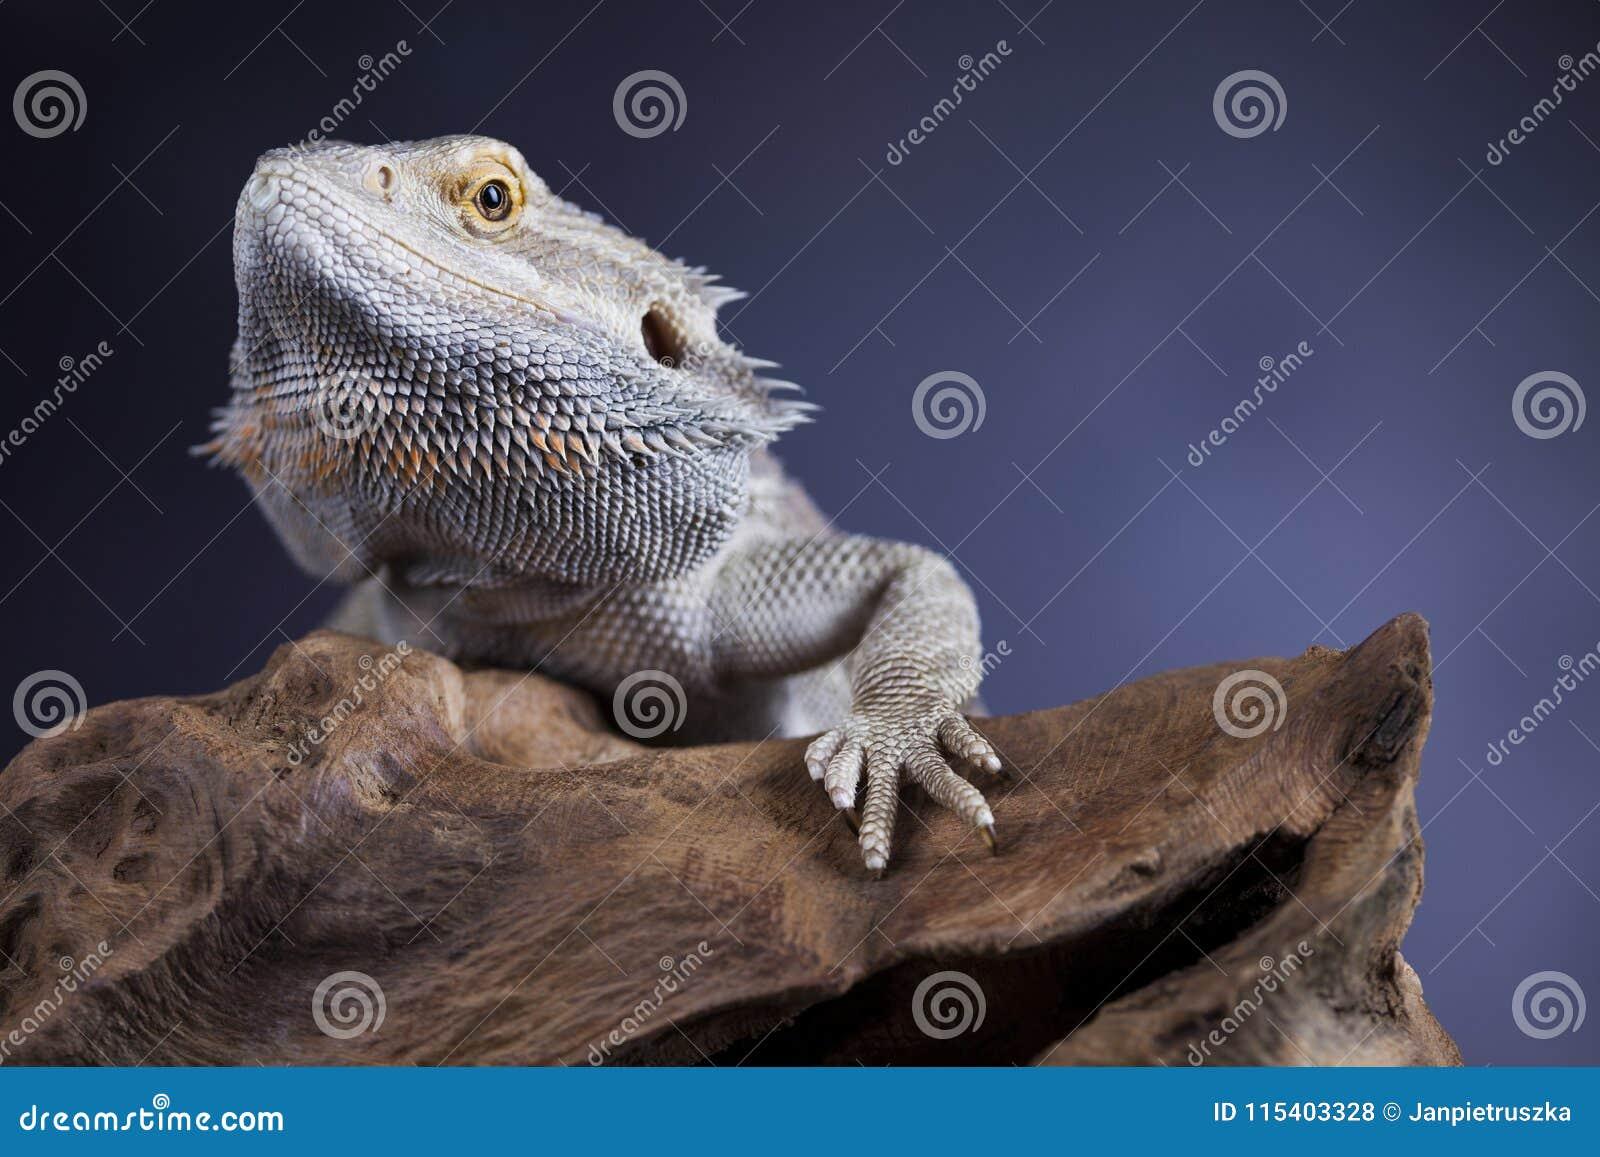 Agama Bearded, Pet On Black Background, Reptile Stock Photo - Image